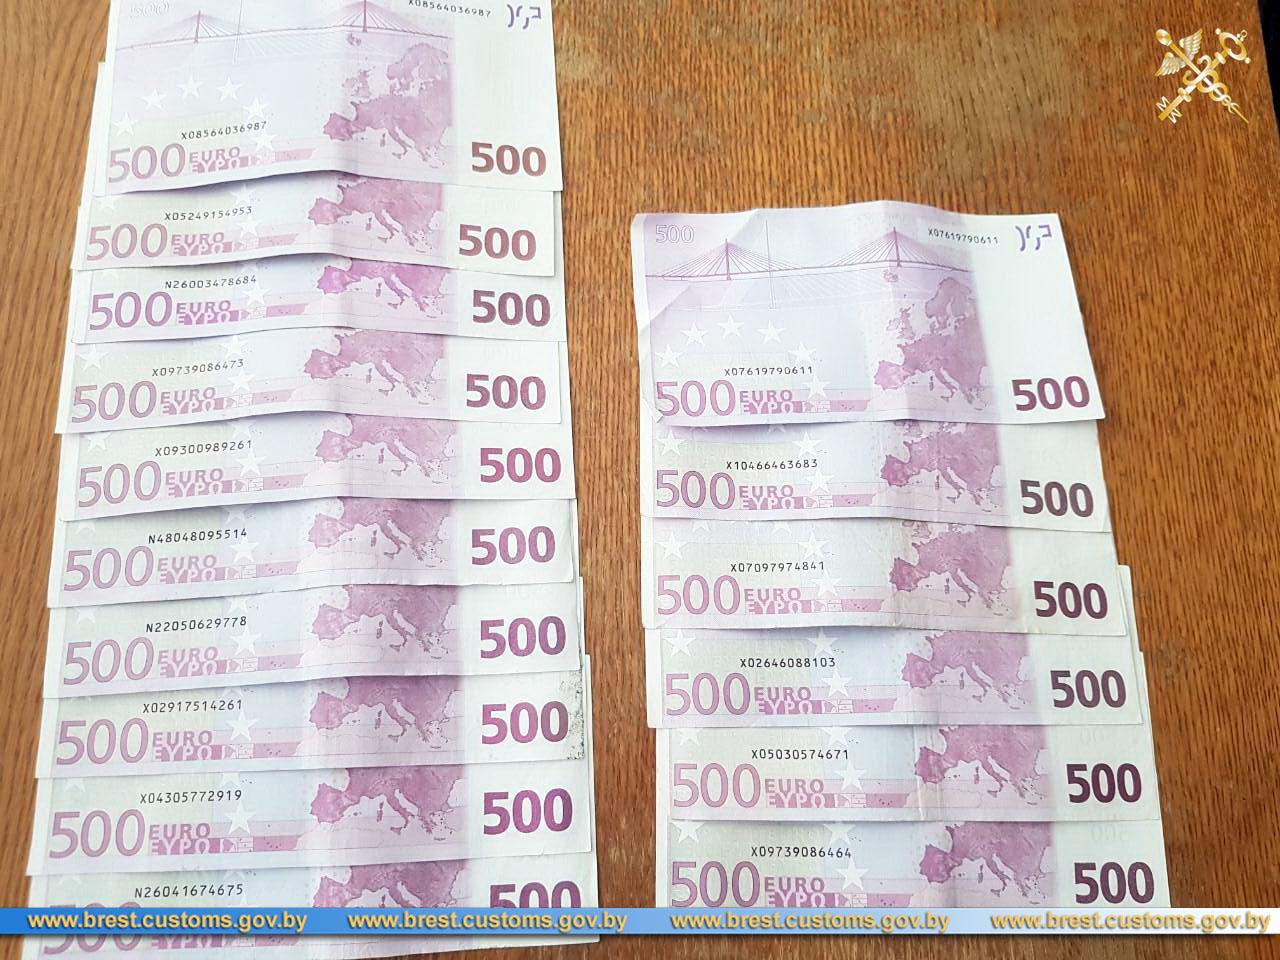 Недекларирование 40 тыс. евро обернулось уголовным делом